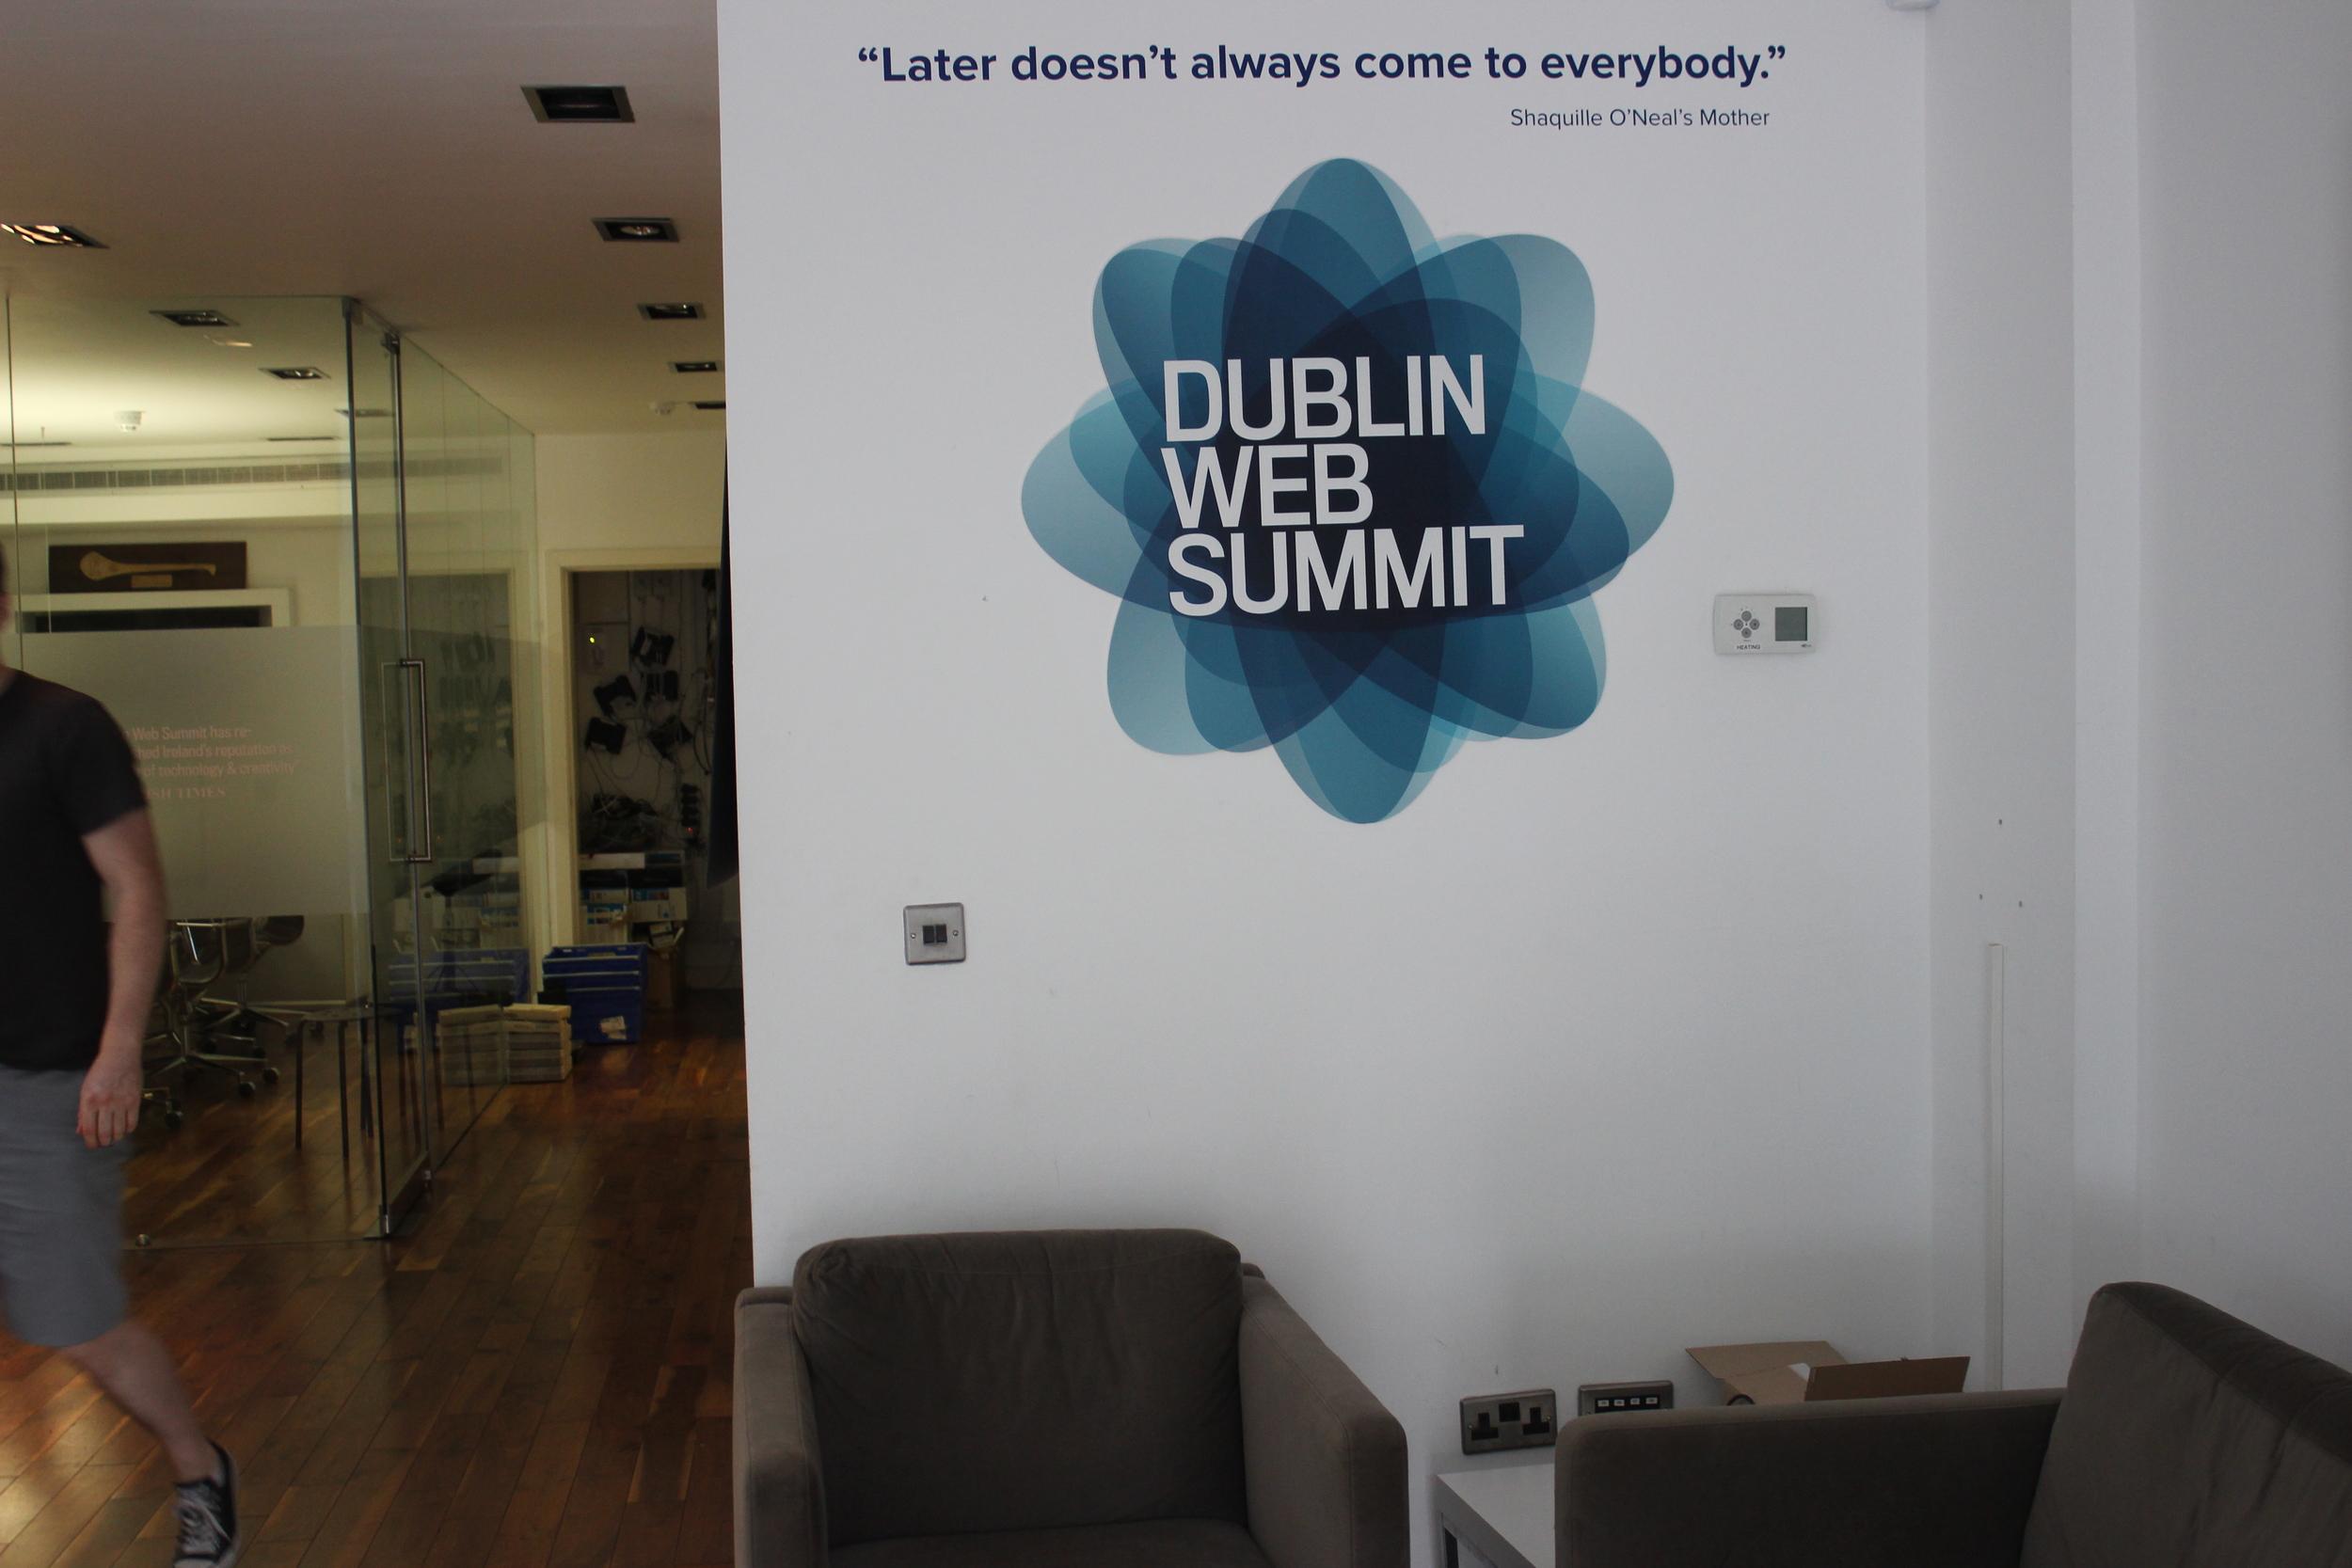 Dublin web Summit HQ